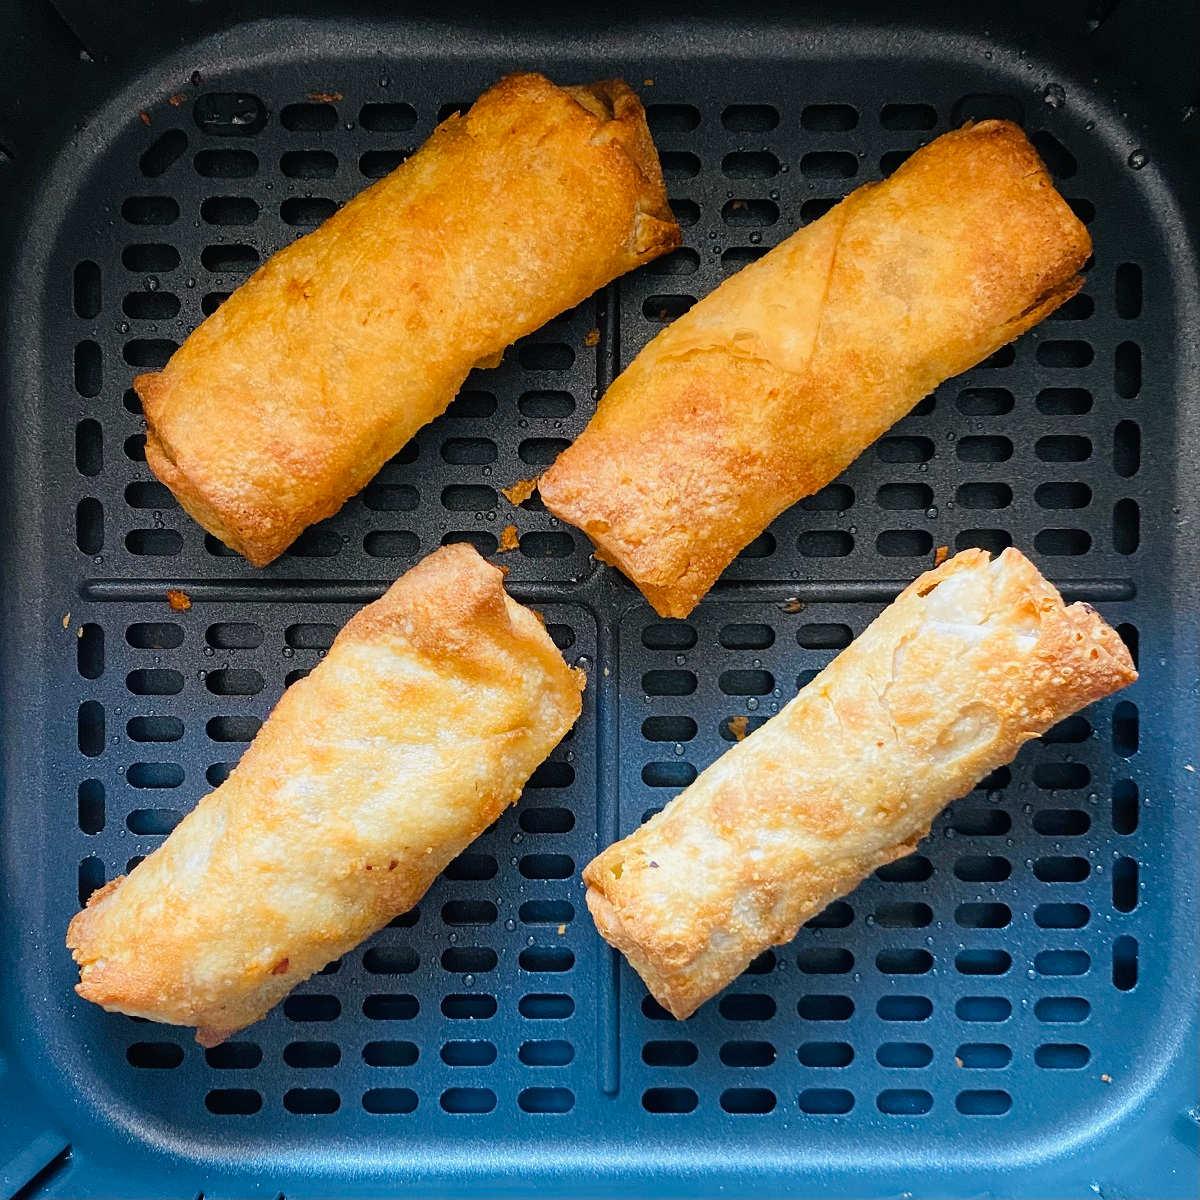 cooked frozen egg rolls in air fryer basket